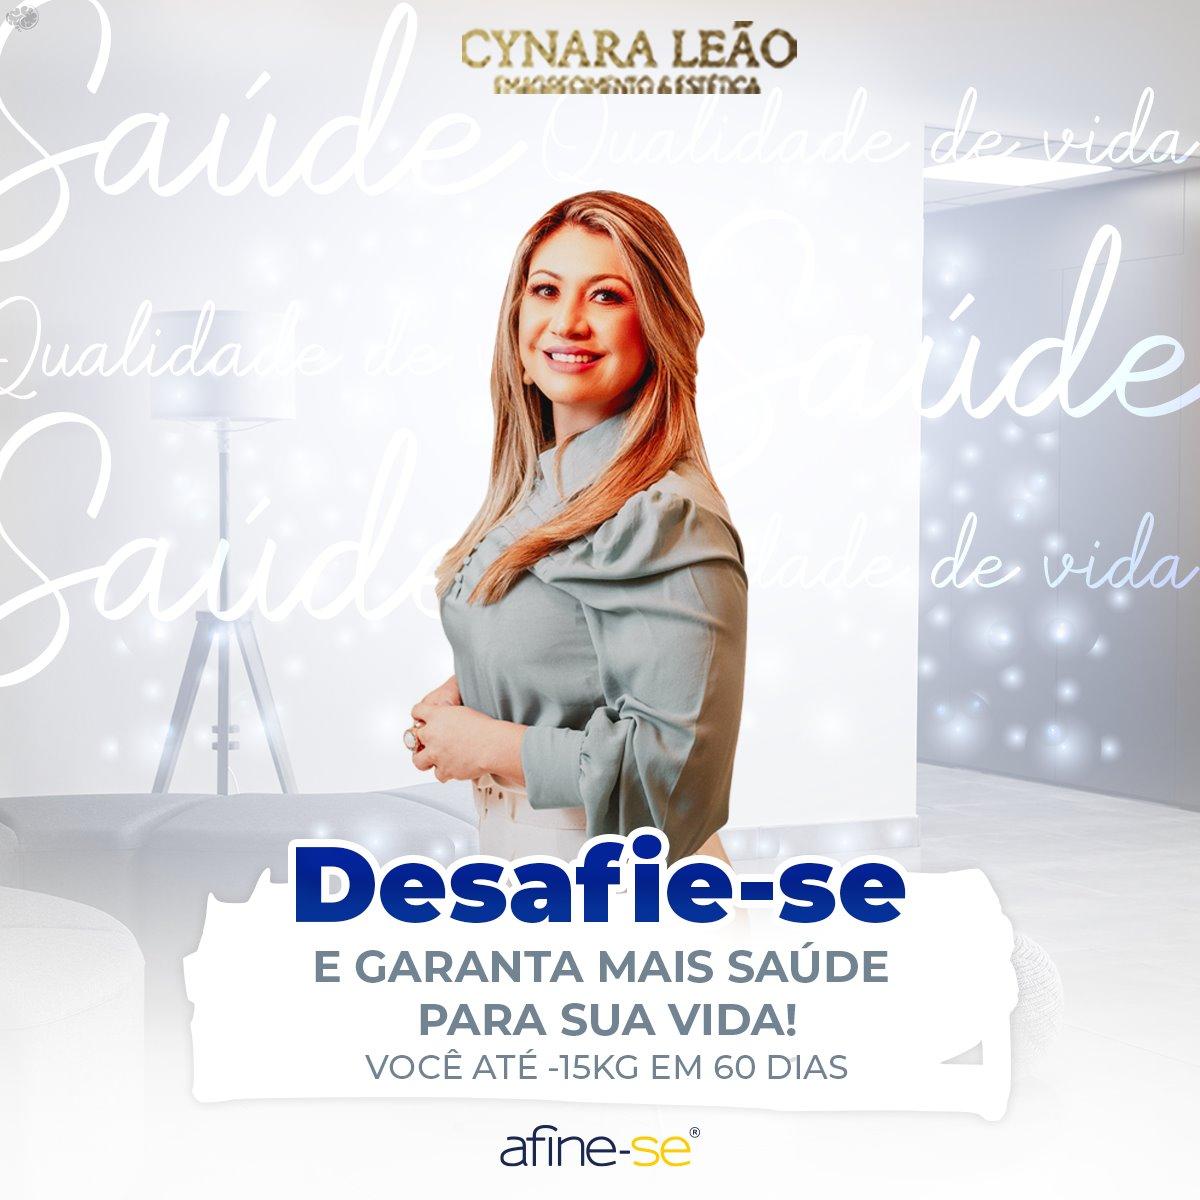 Afine-se: Método de emagrecimento inteligente está disponível em Paraíso no SPA Cynara Leão